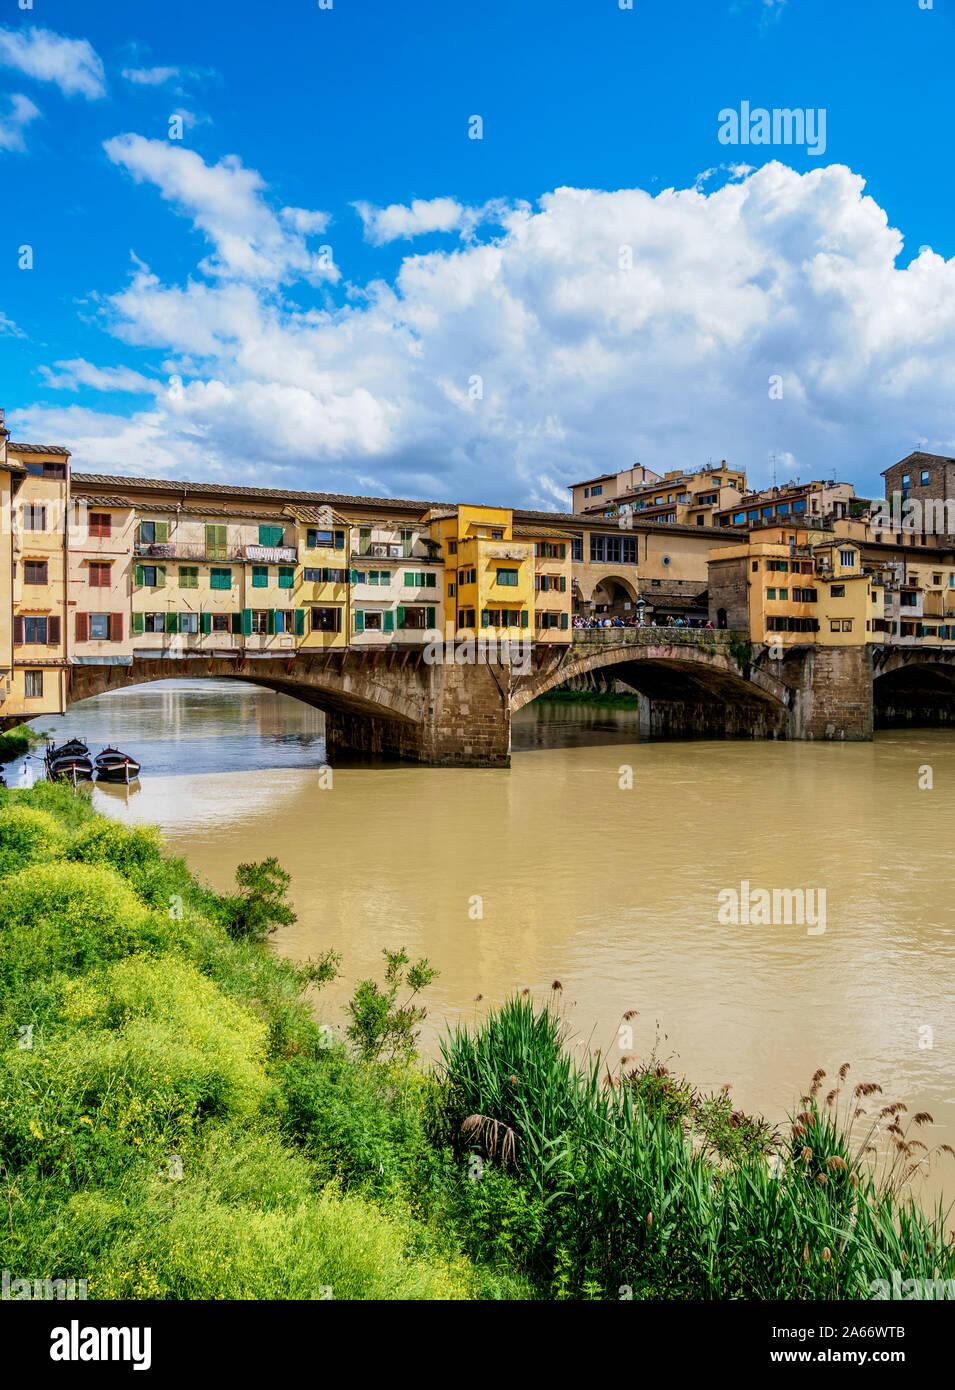 Le Ponte Vecchio et l'Arno, Florence, Toscane, Italie Banque D'Images